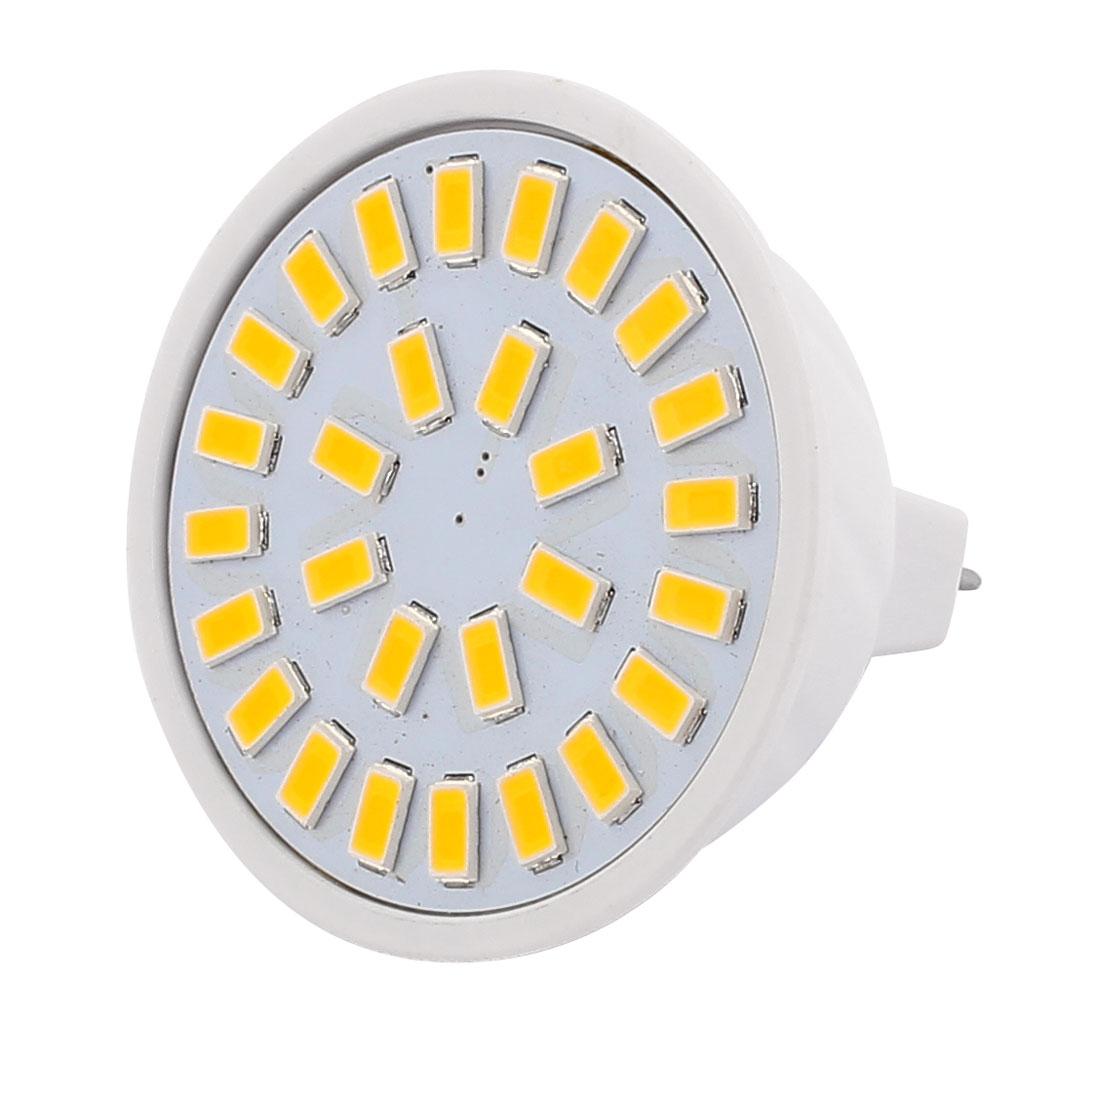 220V 5W MR16 5730 SMD 28 LEDs LED Bulb Light Spotlight Lamp Lighting Warm White